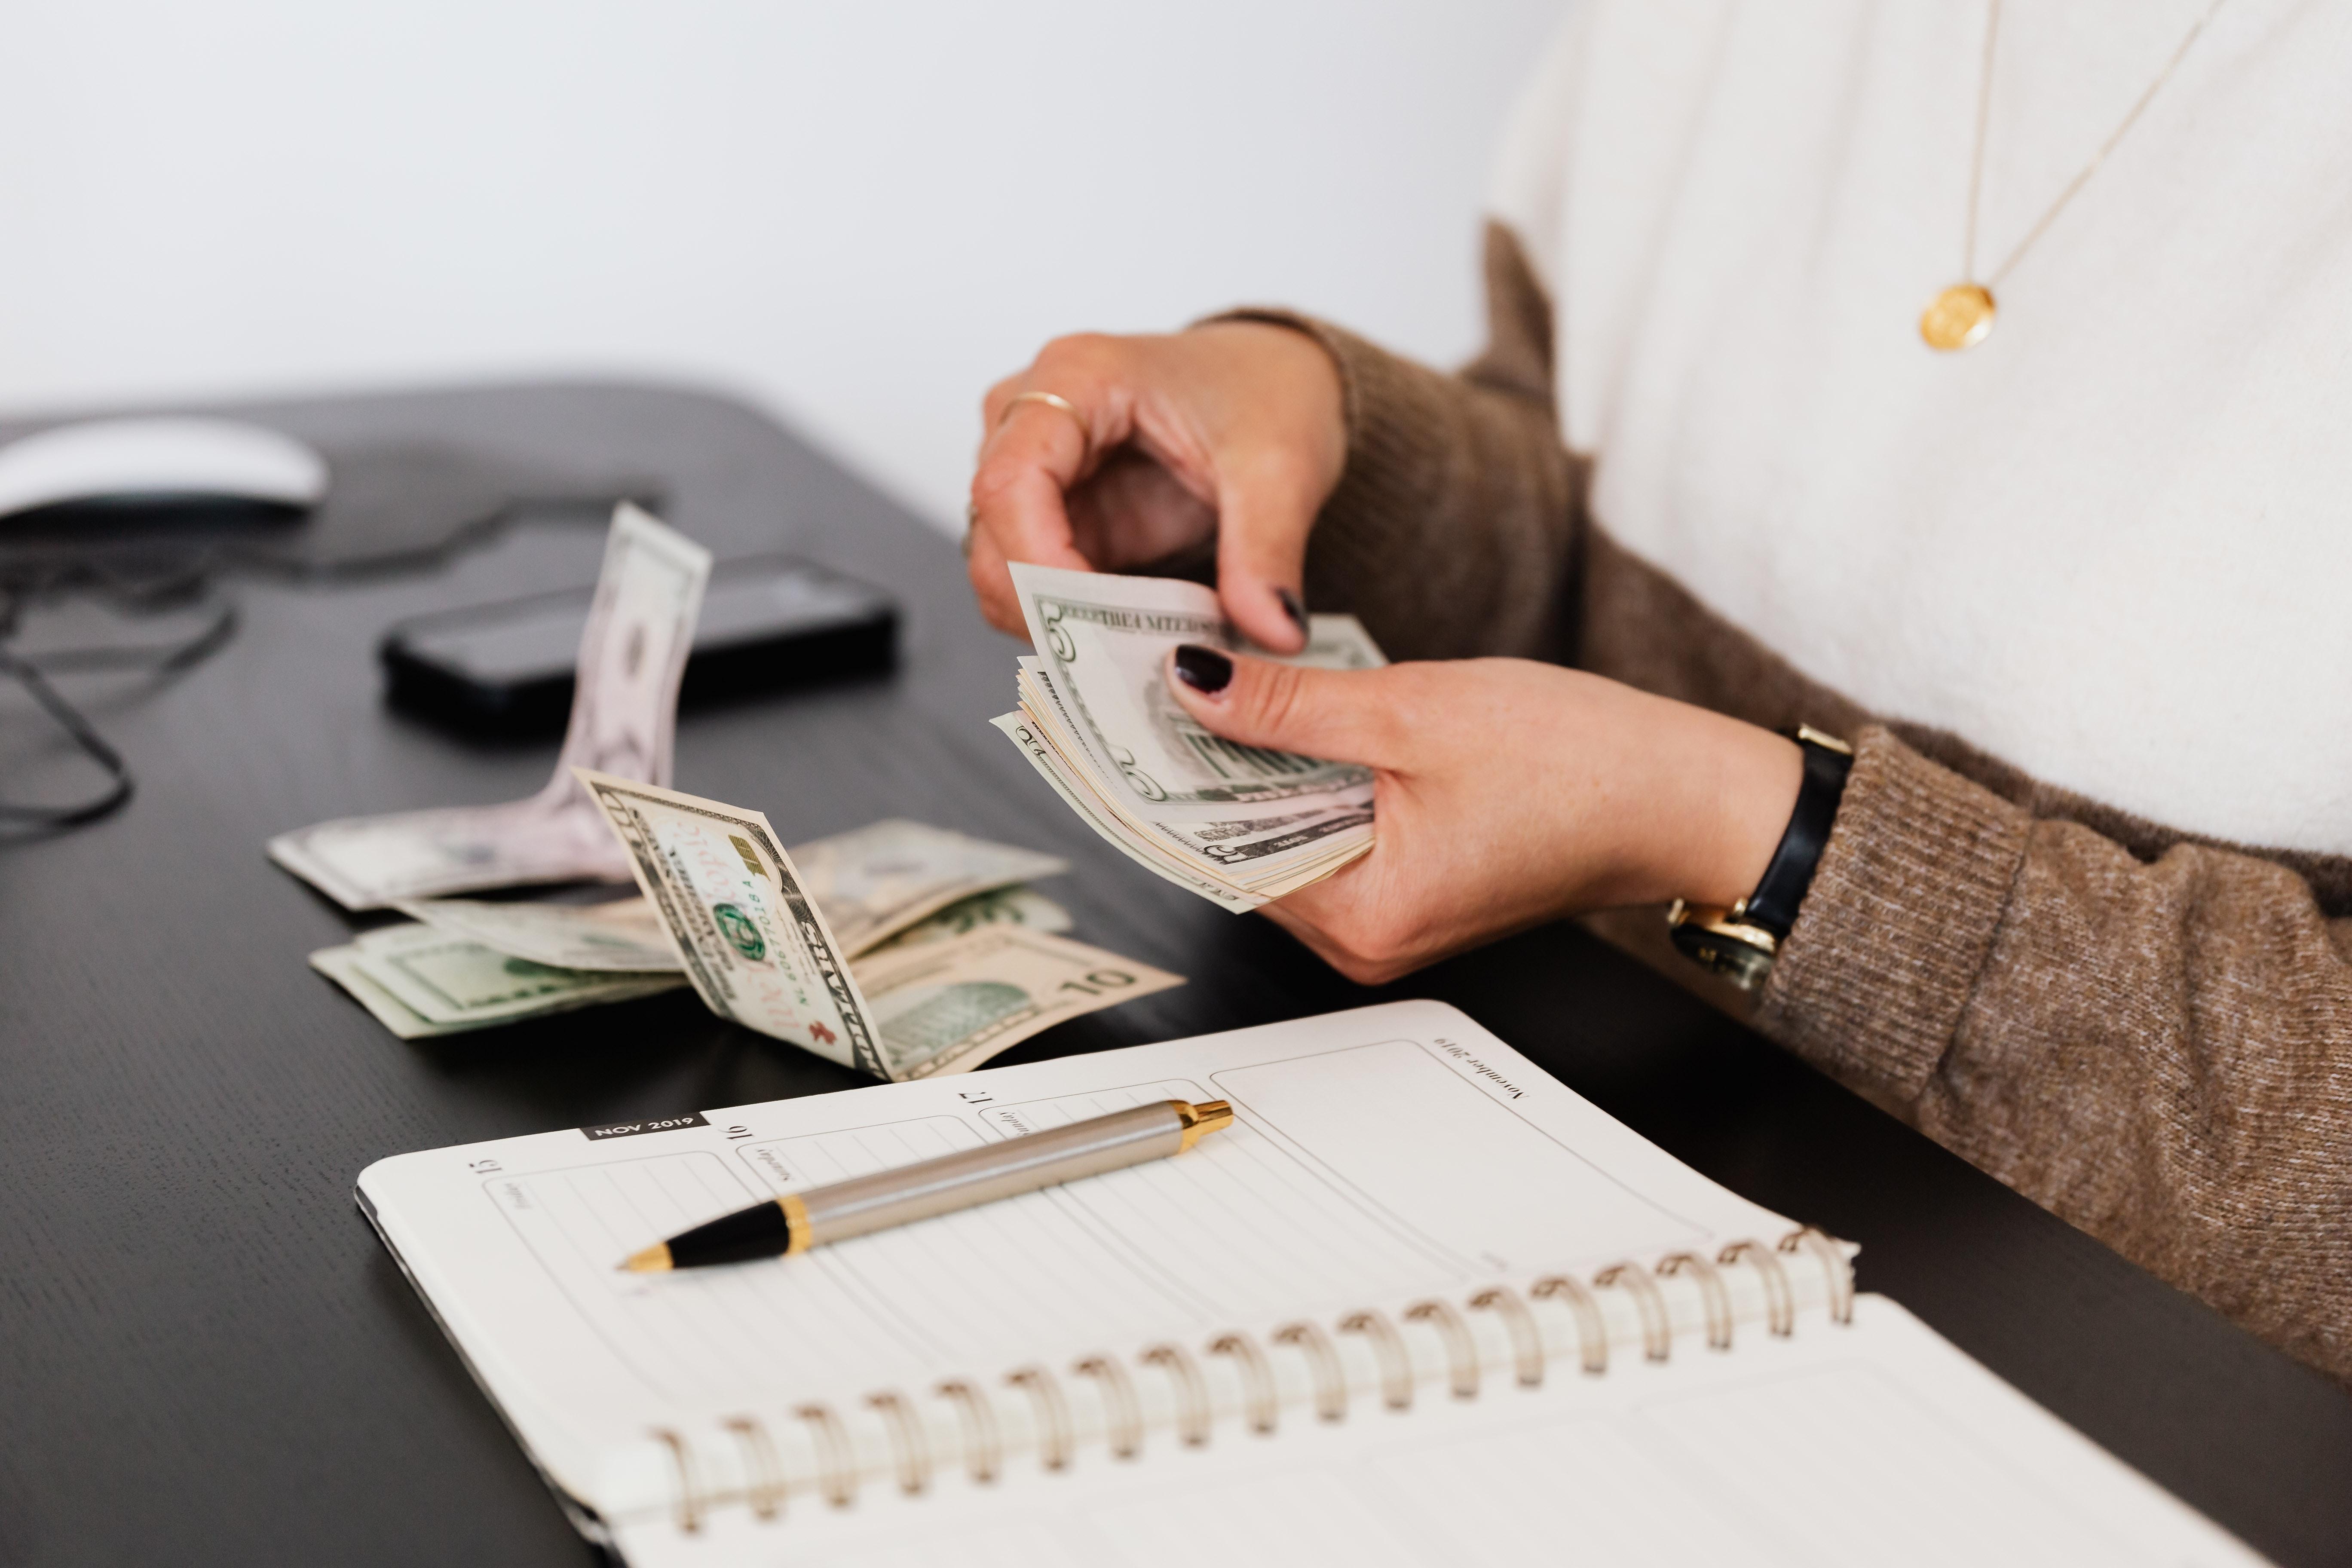 Comcast bill pay